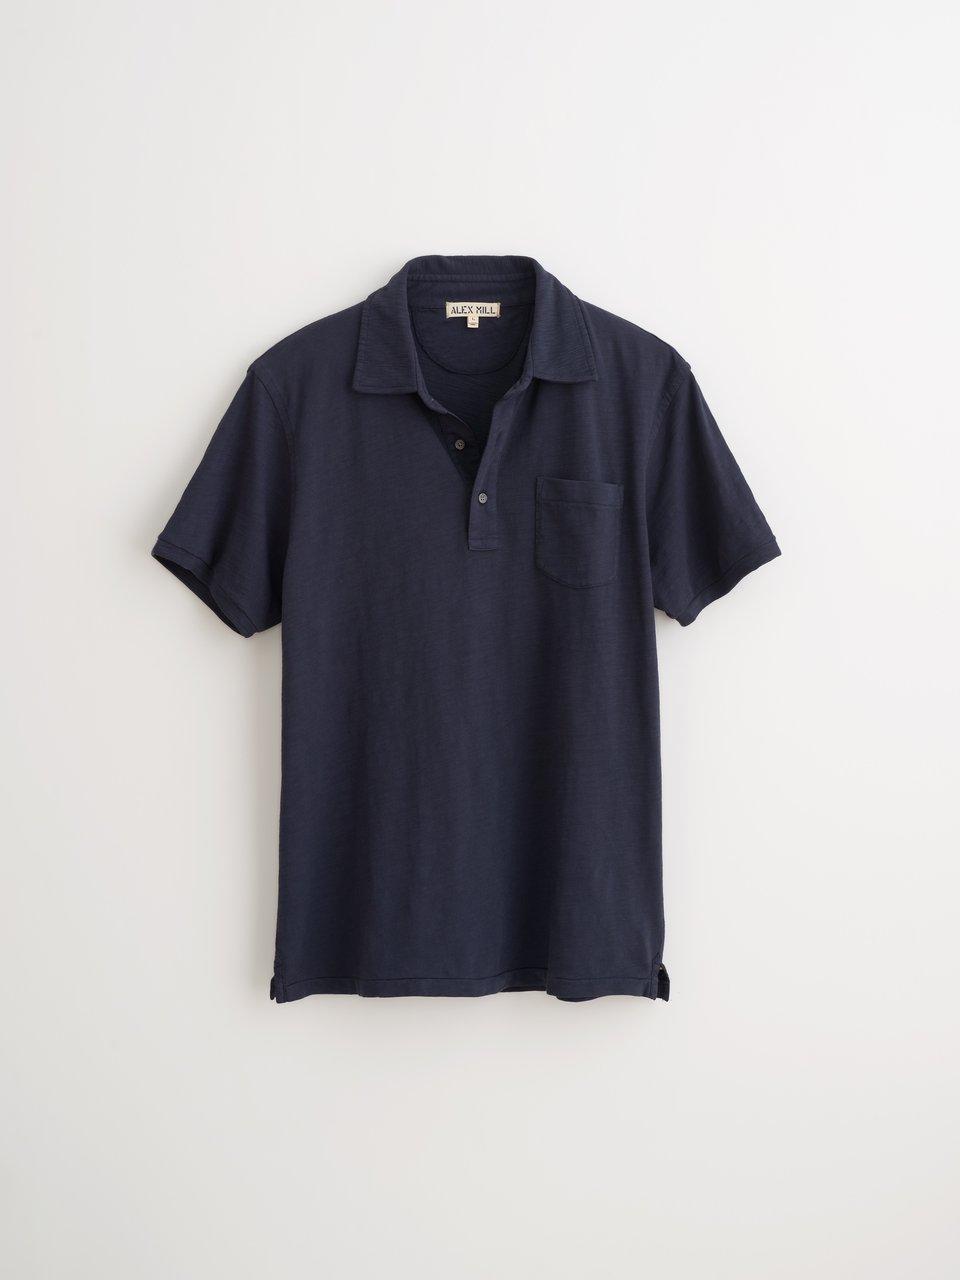 Alex Mill Standard Polo in Slub Cotton